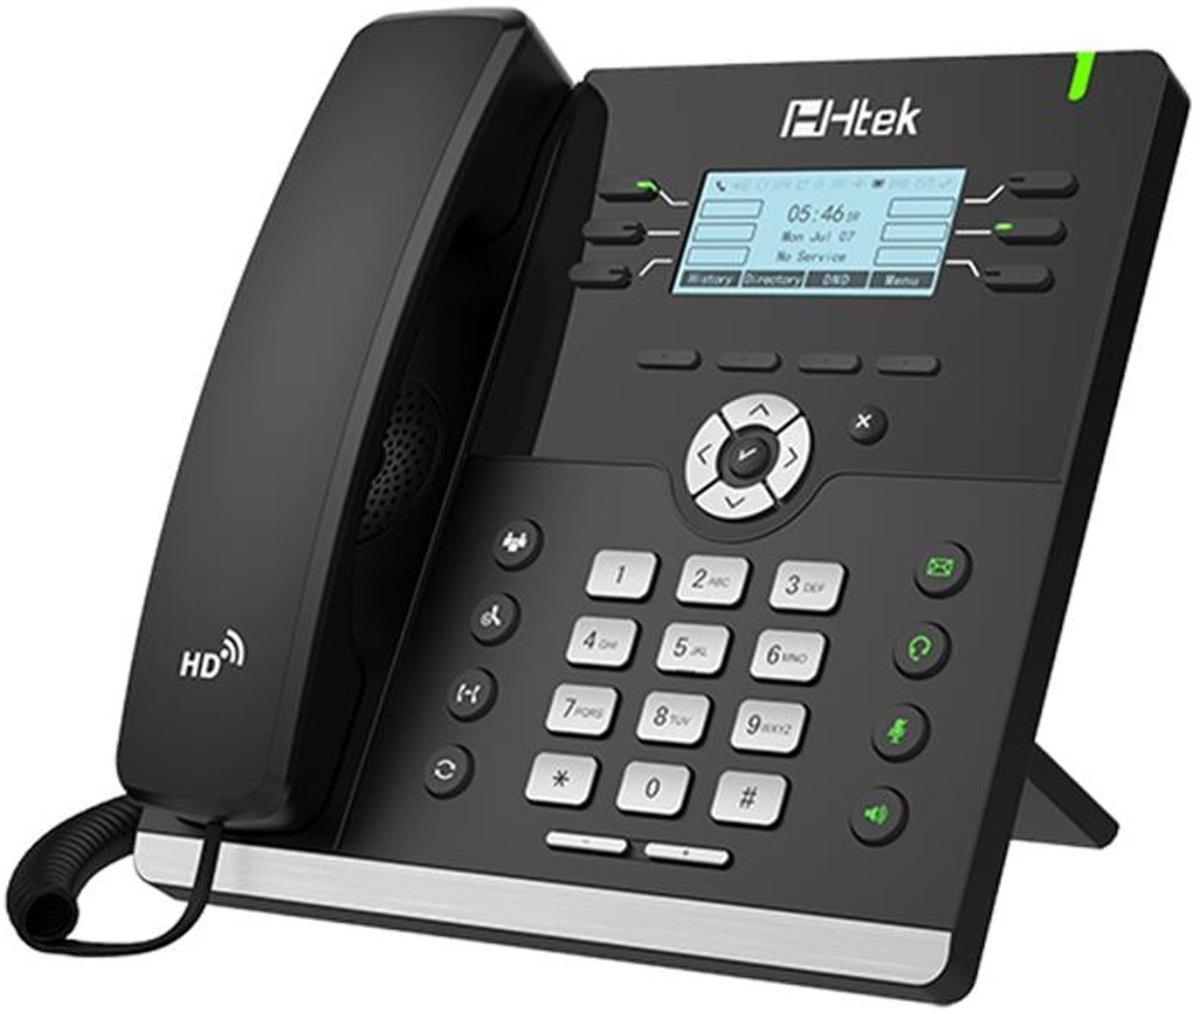 TipTel Htek UC902 Bedrade VoIP telefoon Zwart